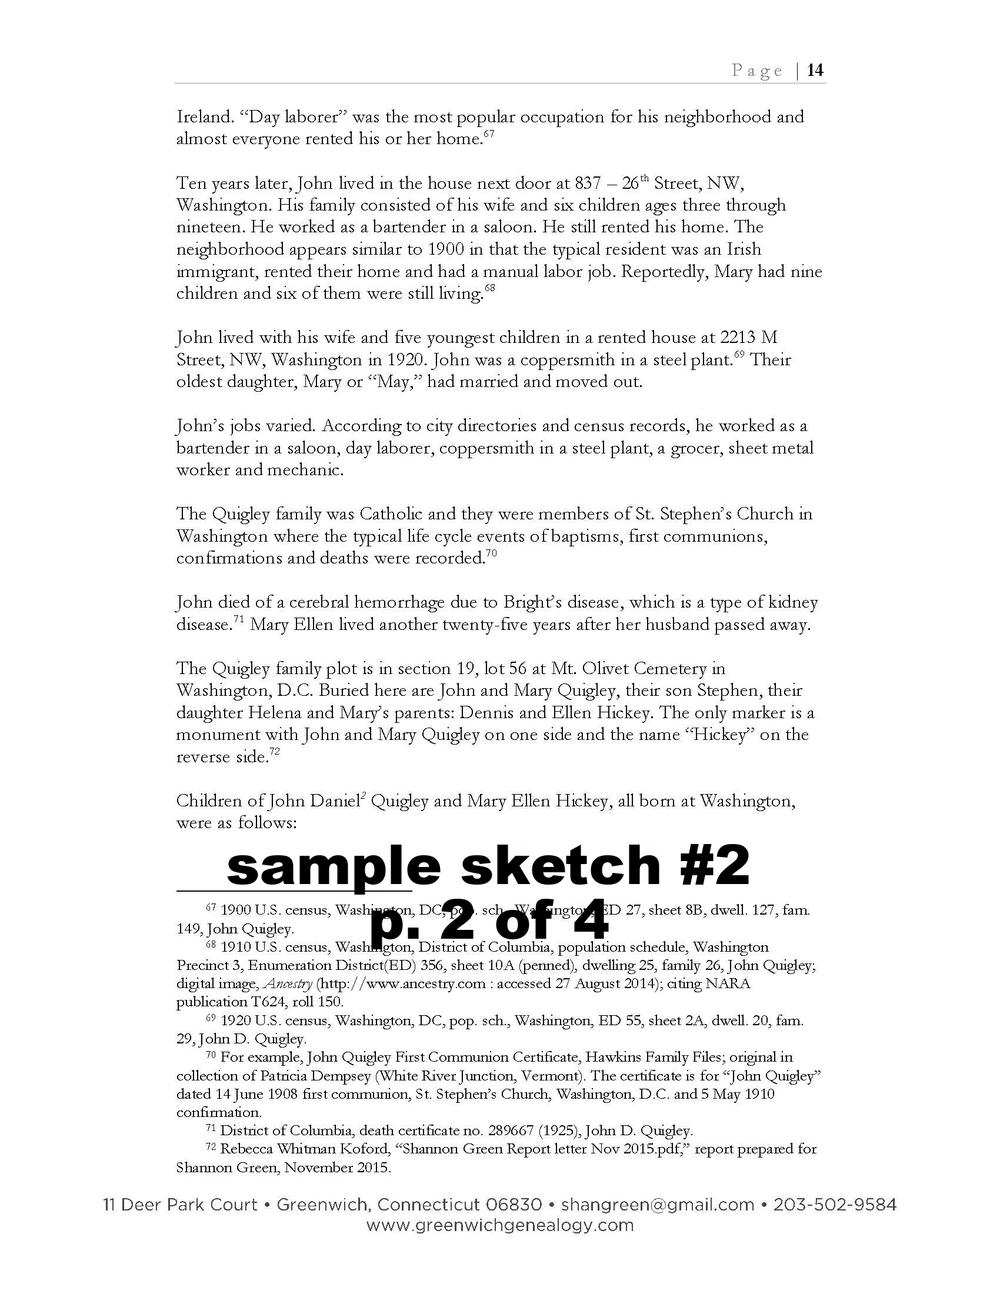 Sample (10).jpg